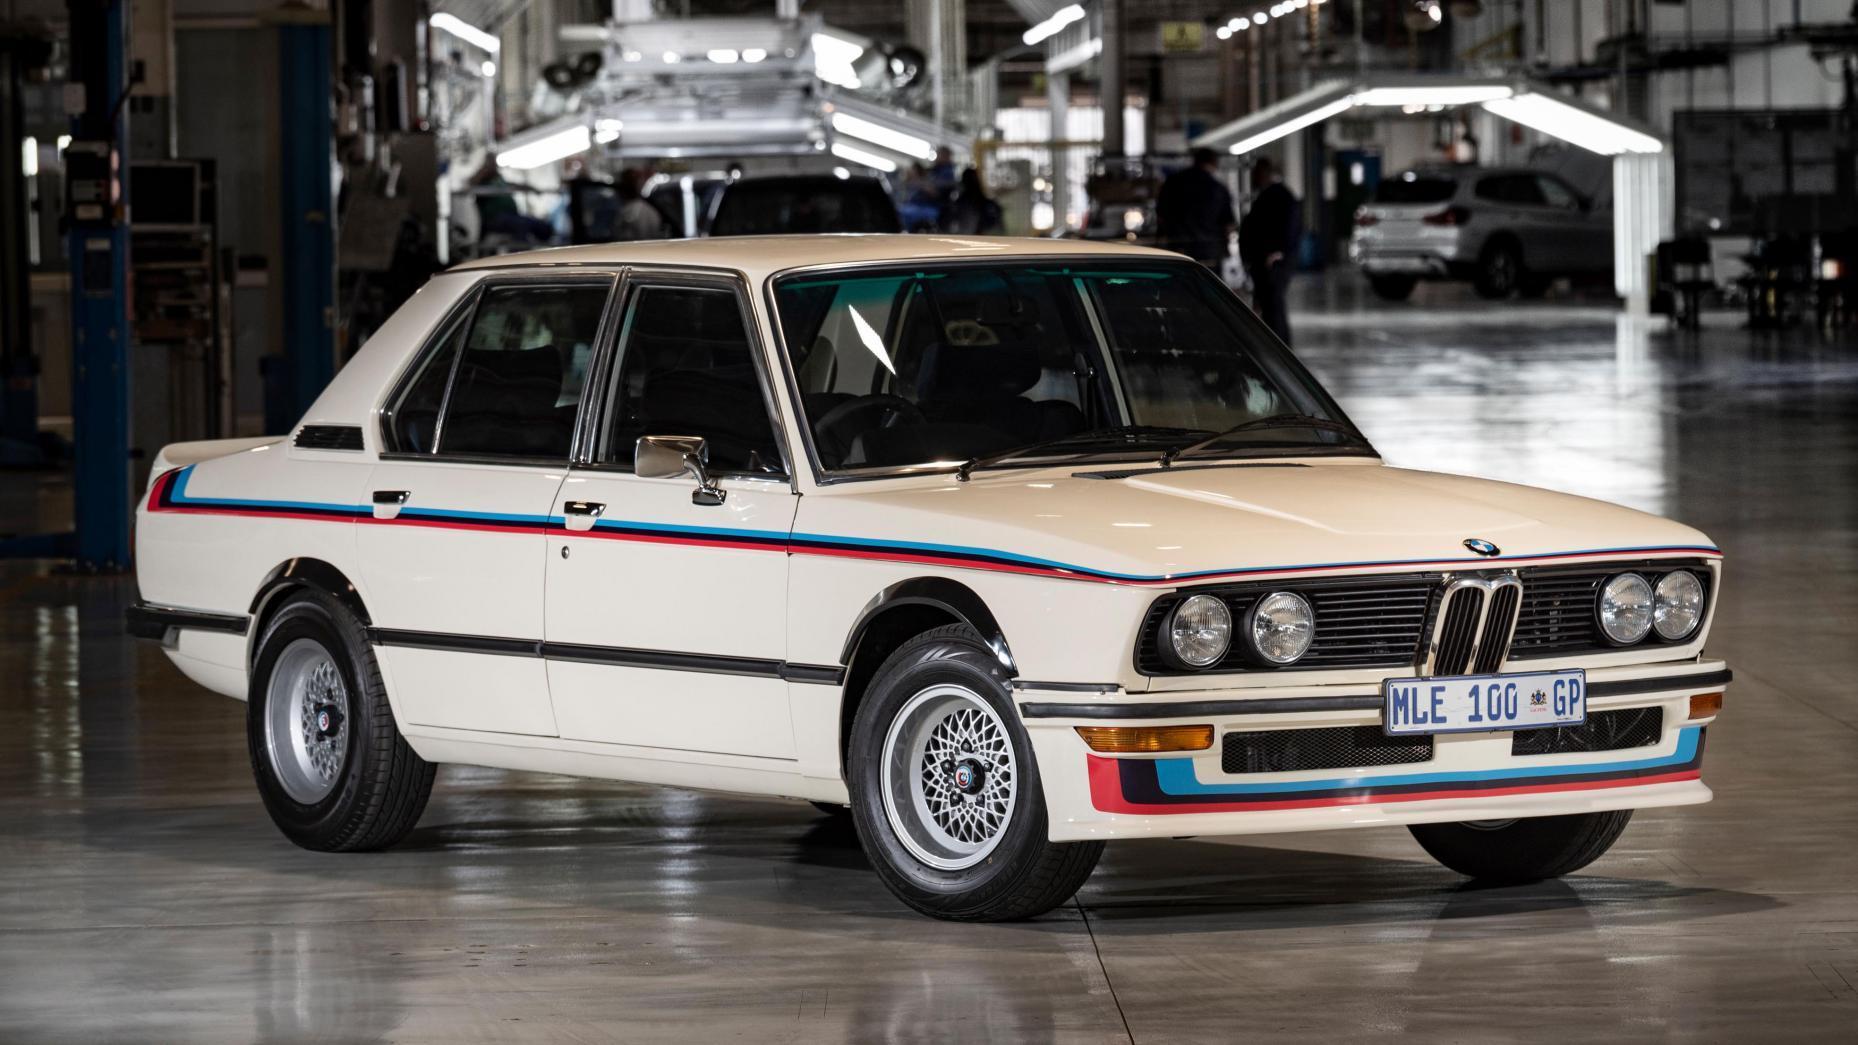 BMW 530 MLE rechtsvoor